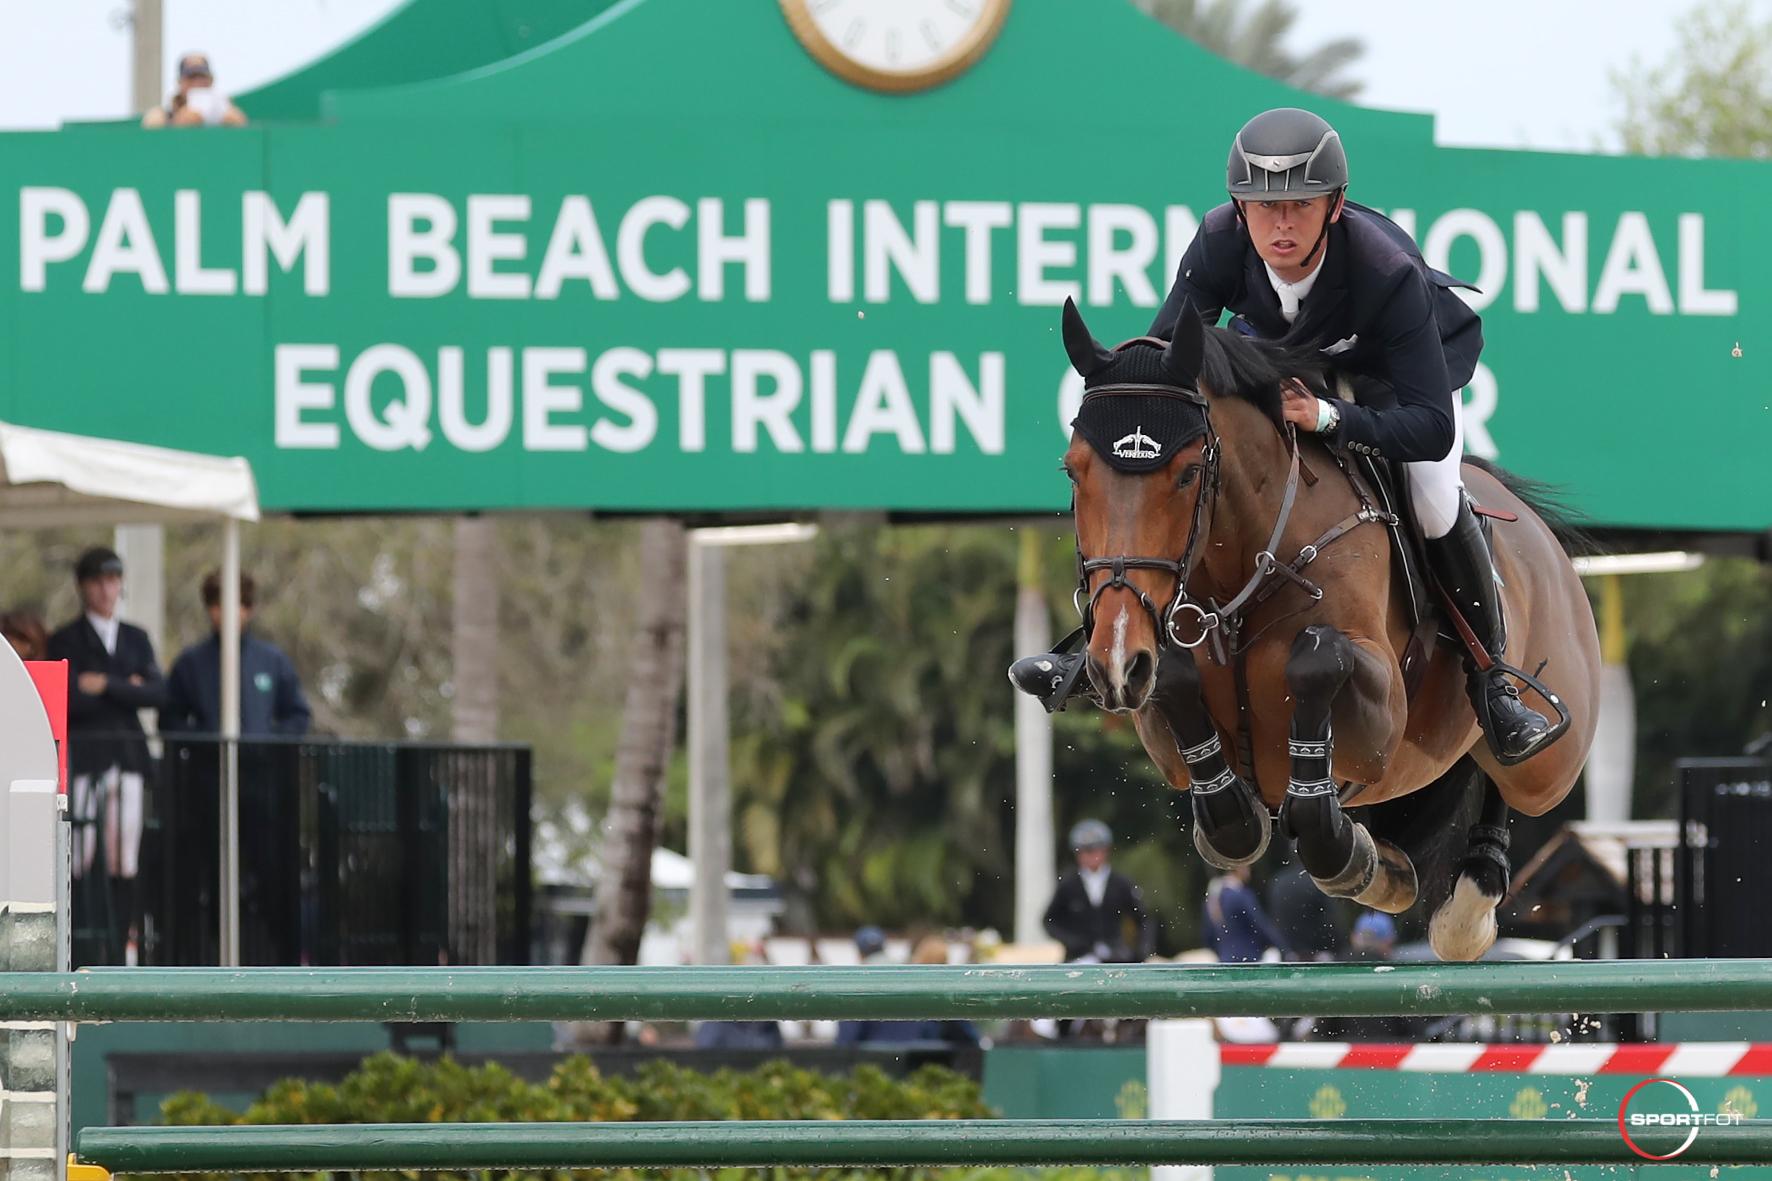 Bertram Allen and Lafayette van Overis by Sportfot 514_4562